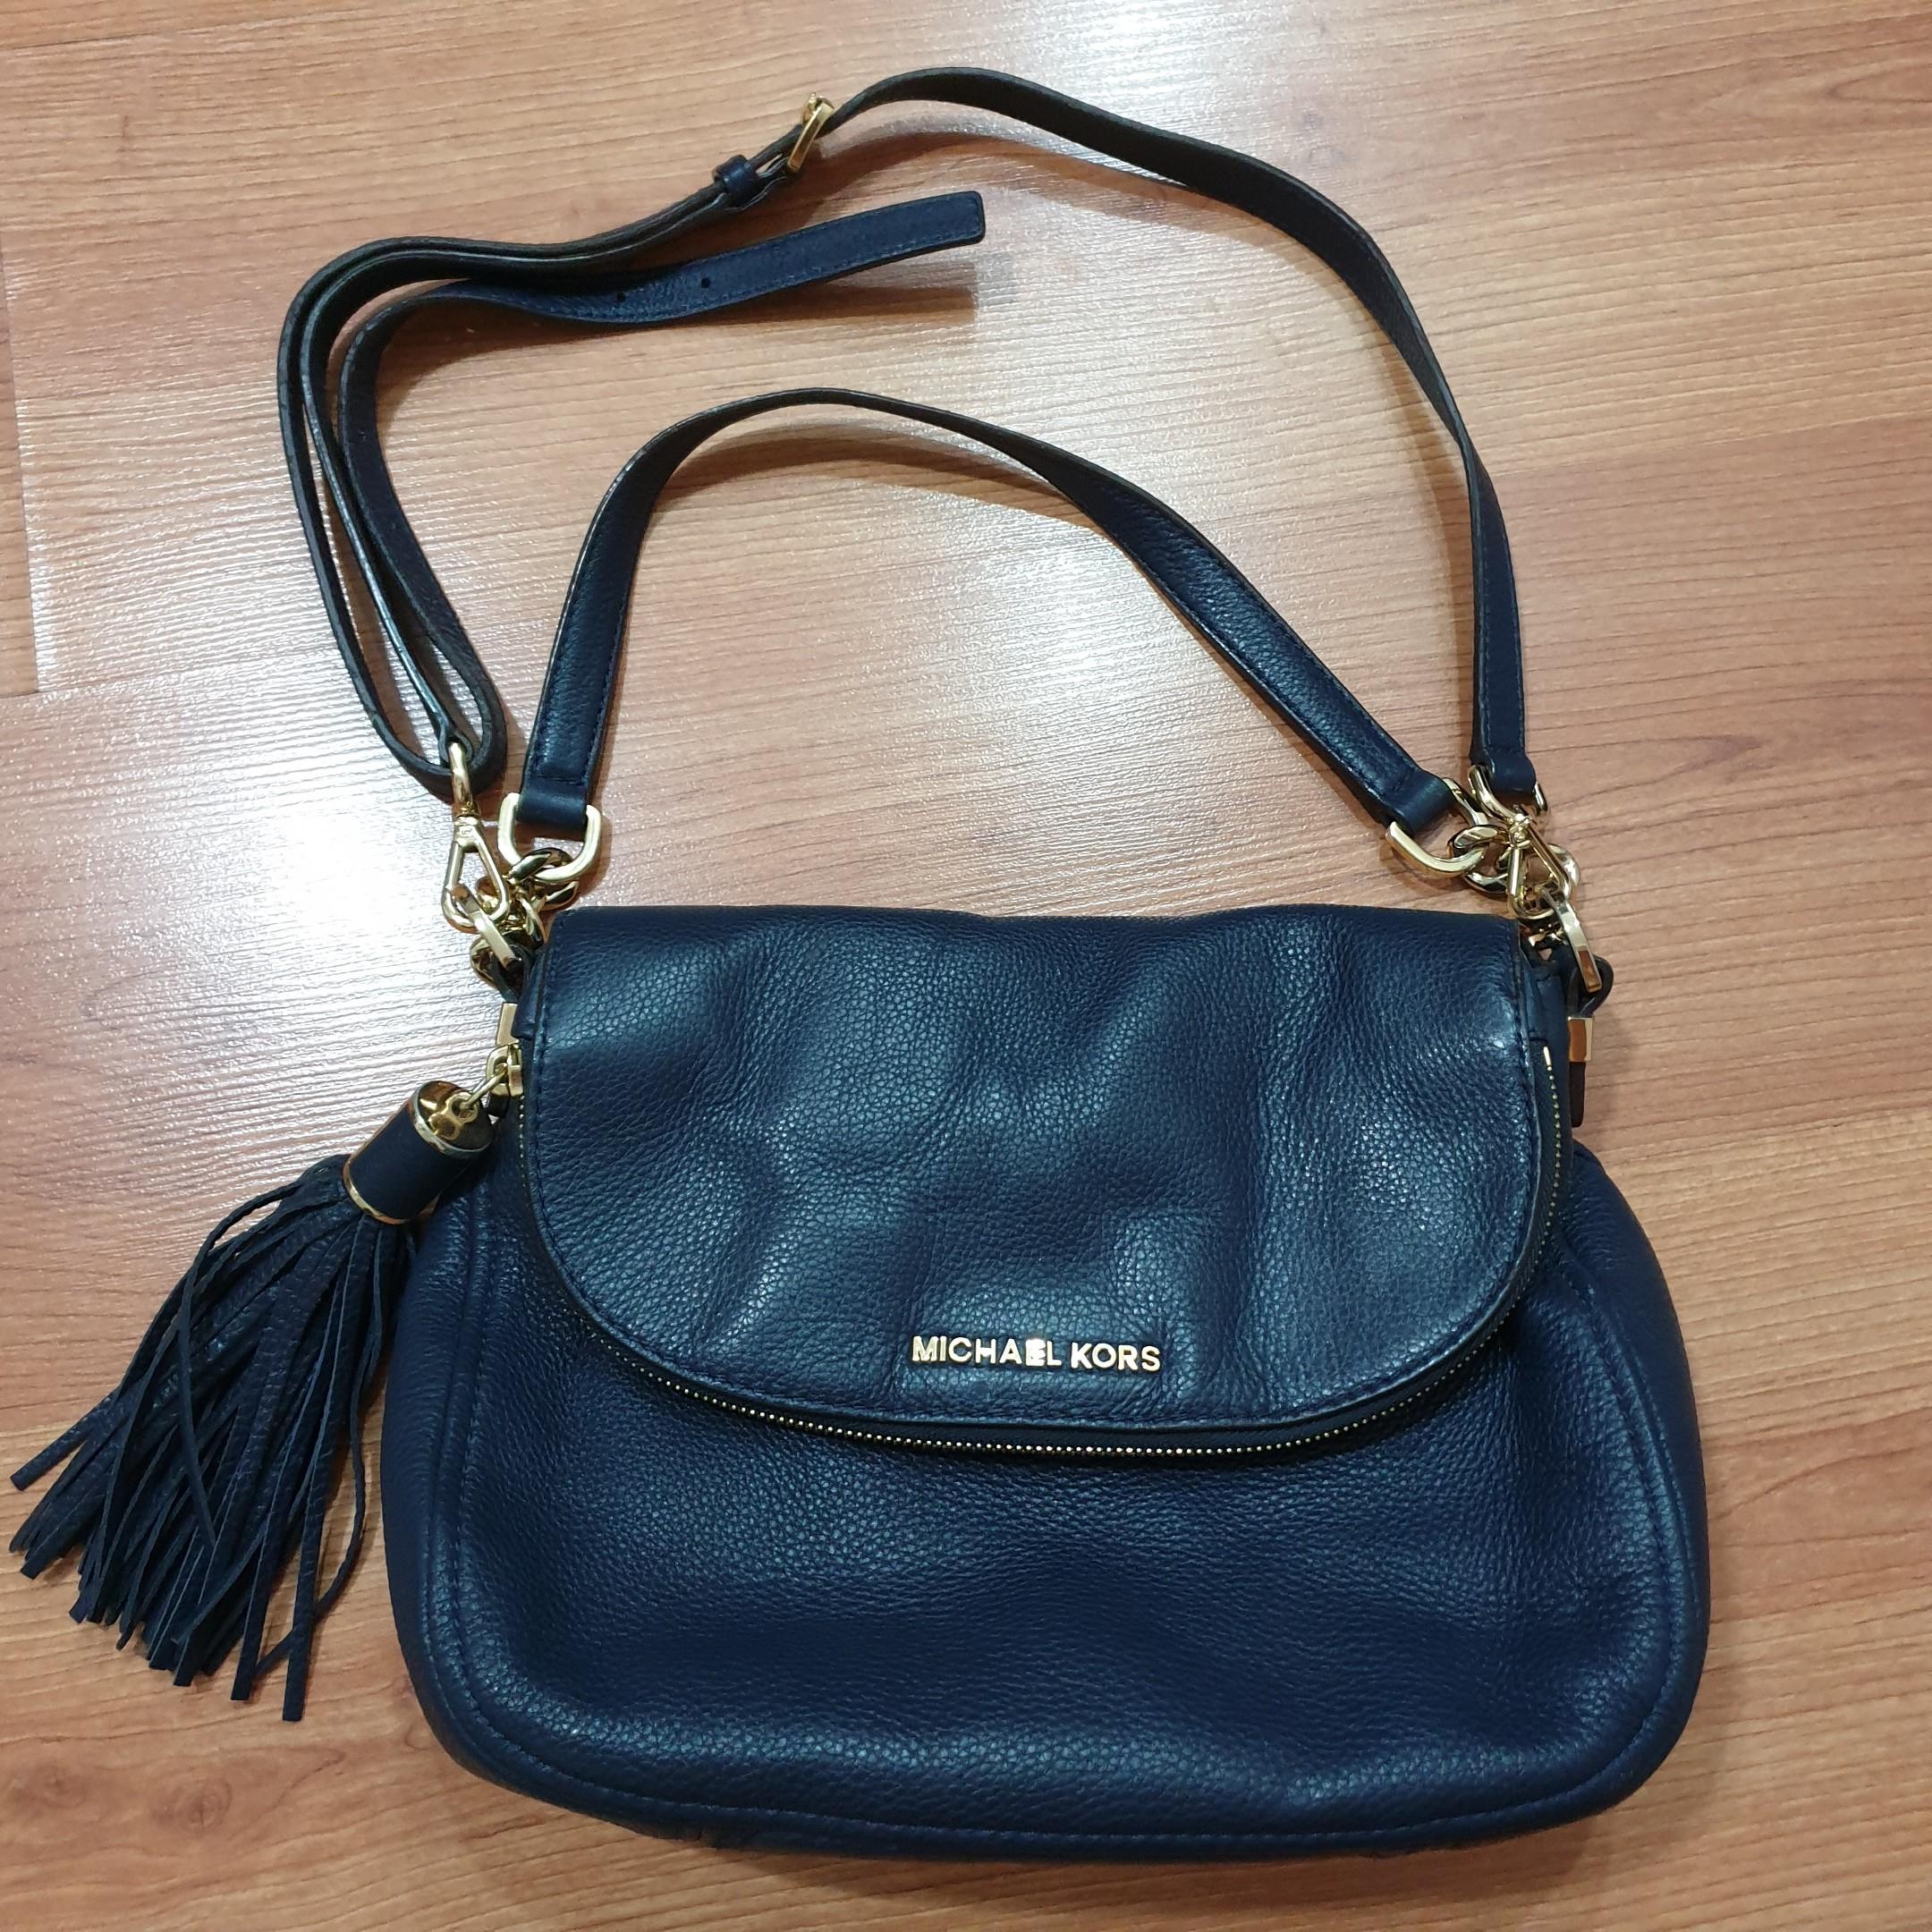 f34e3485cb5b Michael kors handbag/slingbag, Women's Fashion, Bags & Wallets ...